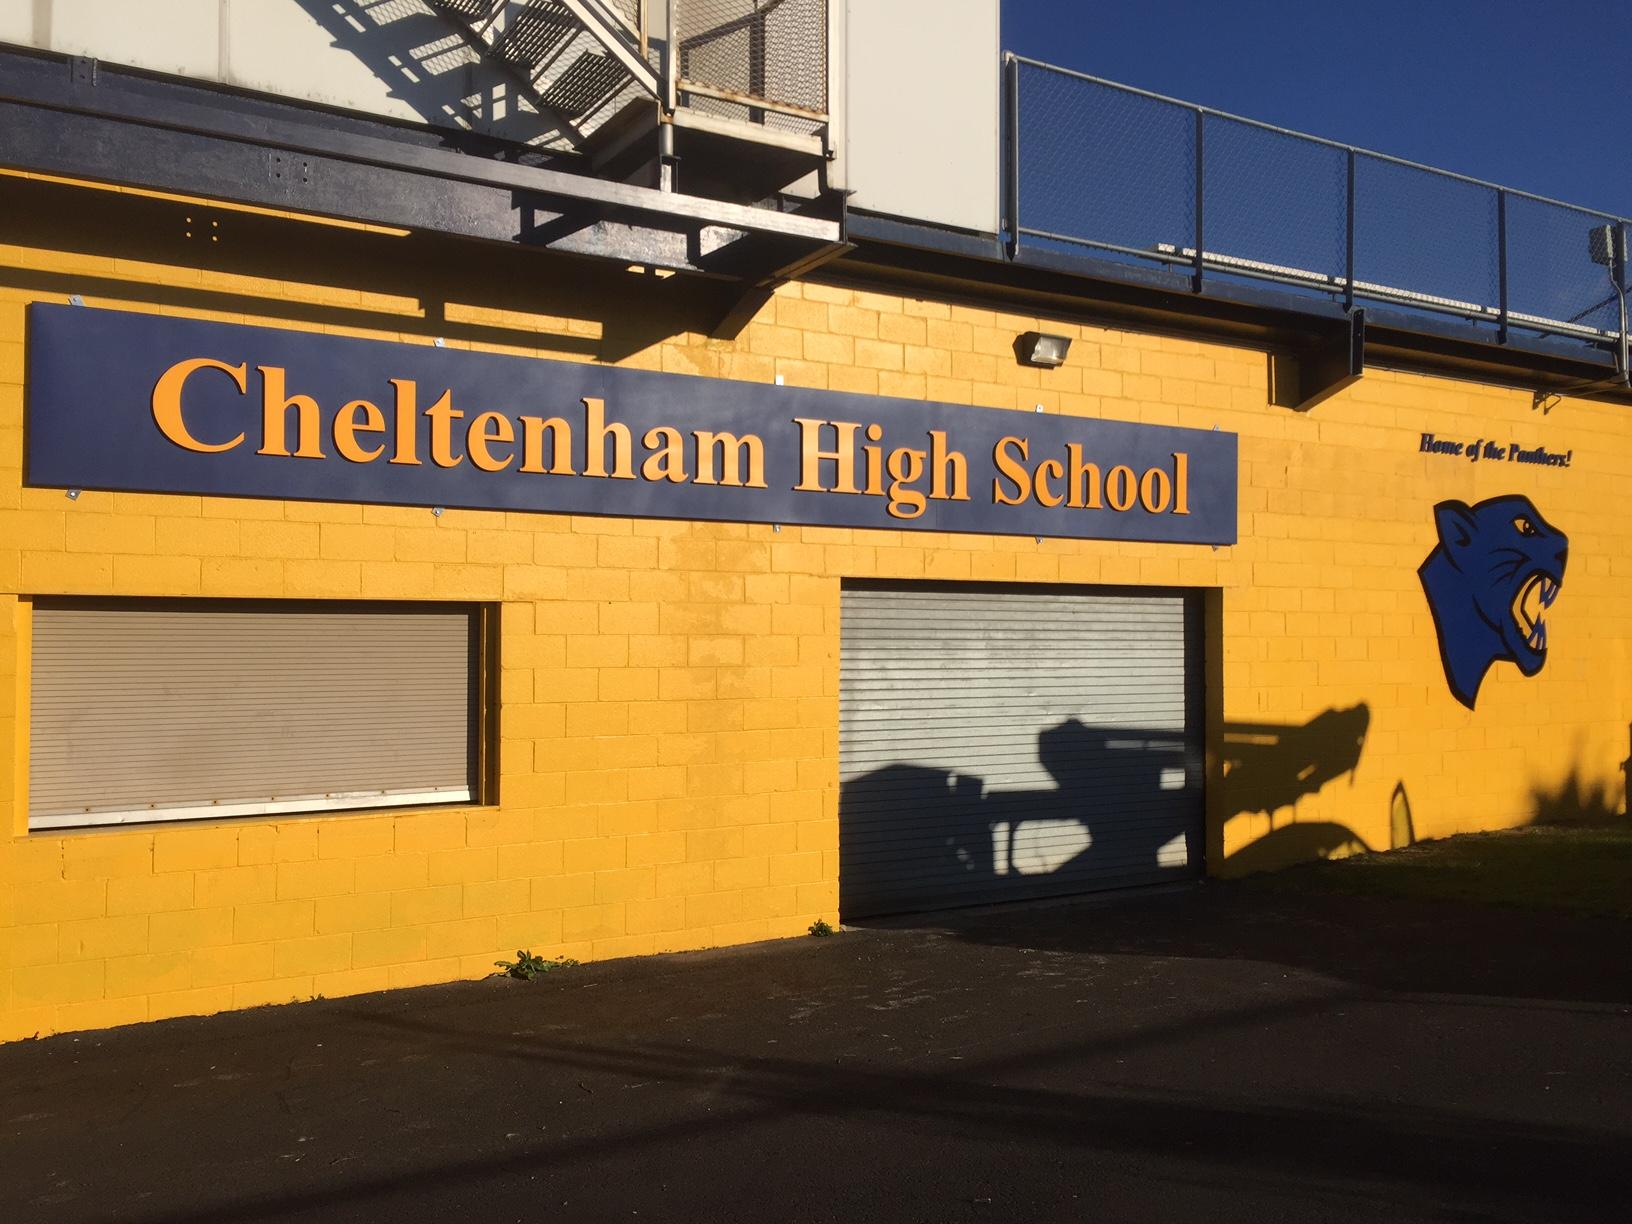 Cheltenham High School